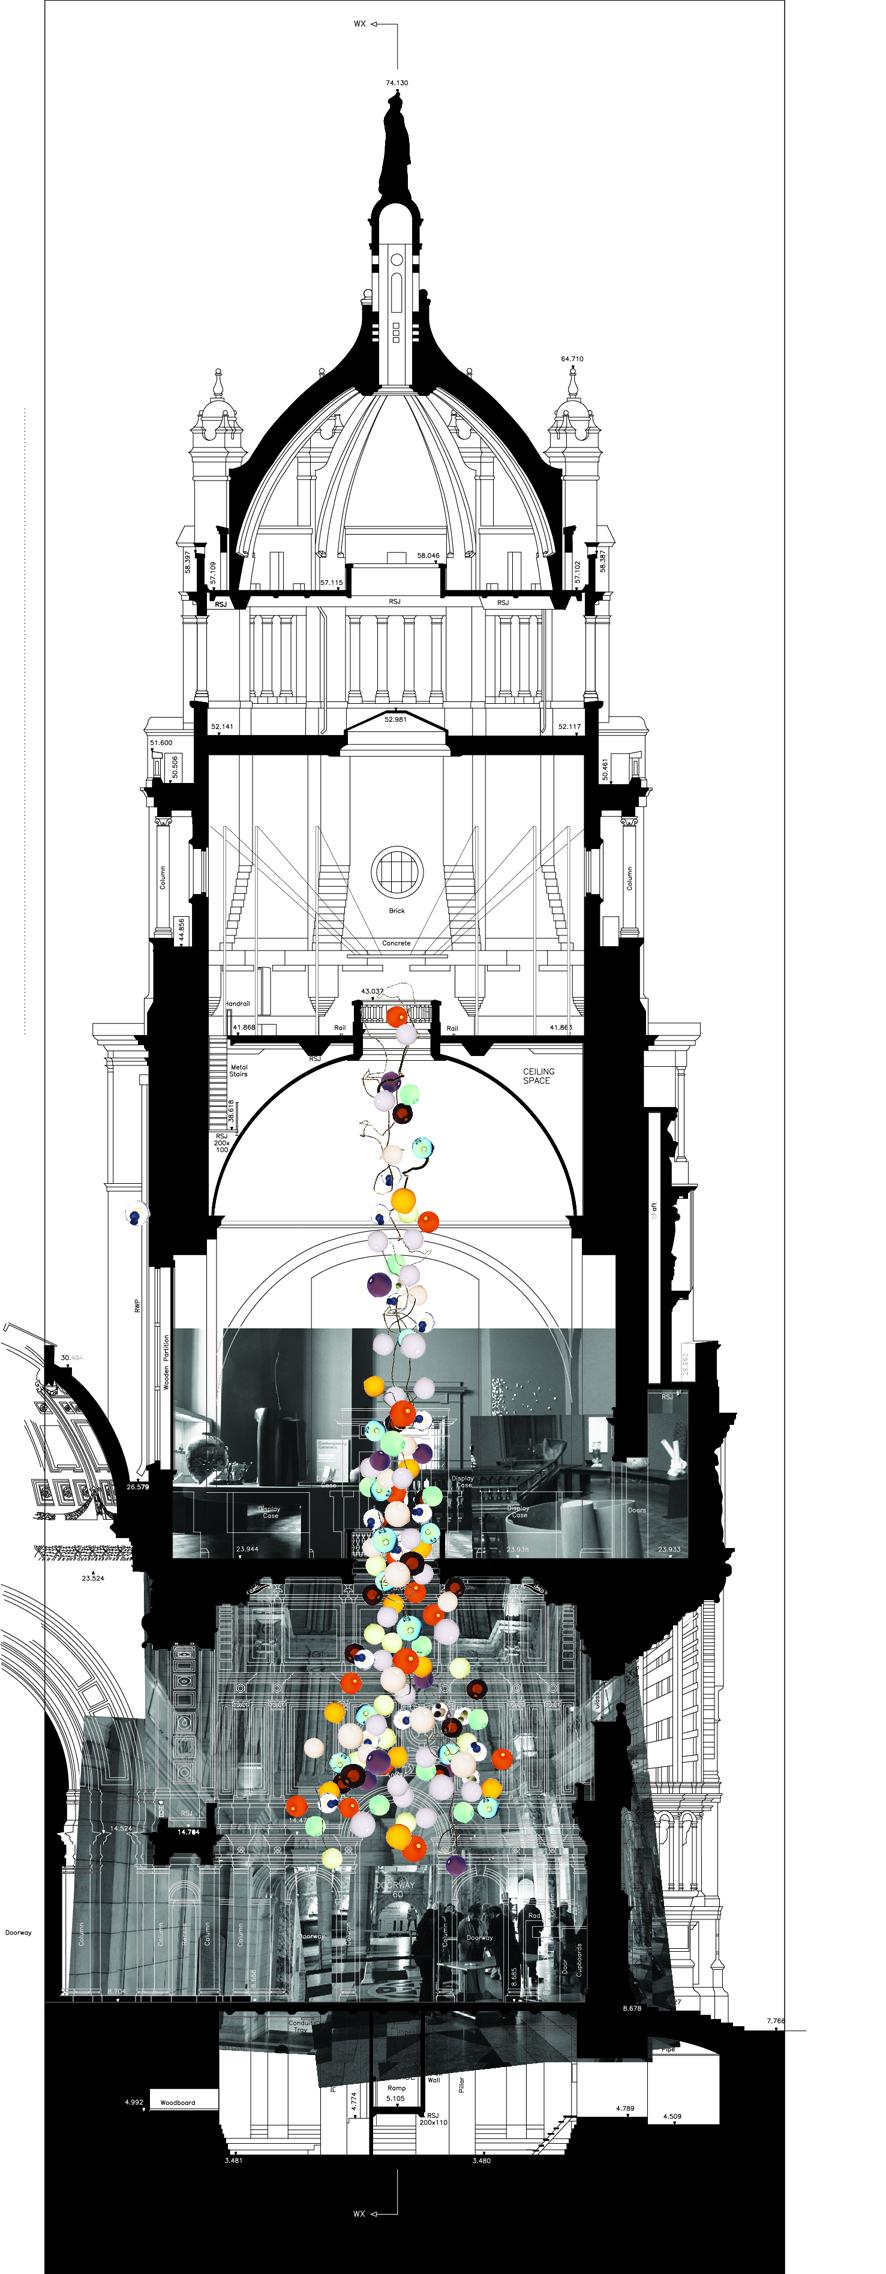 Bocci 28.280 is planned for the VA Atrium